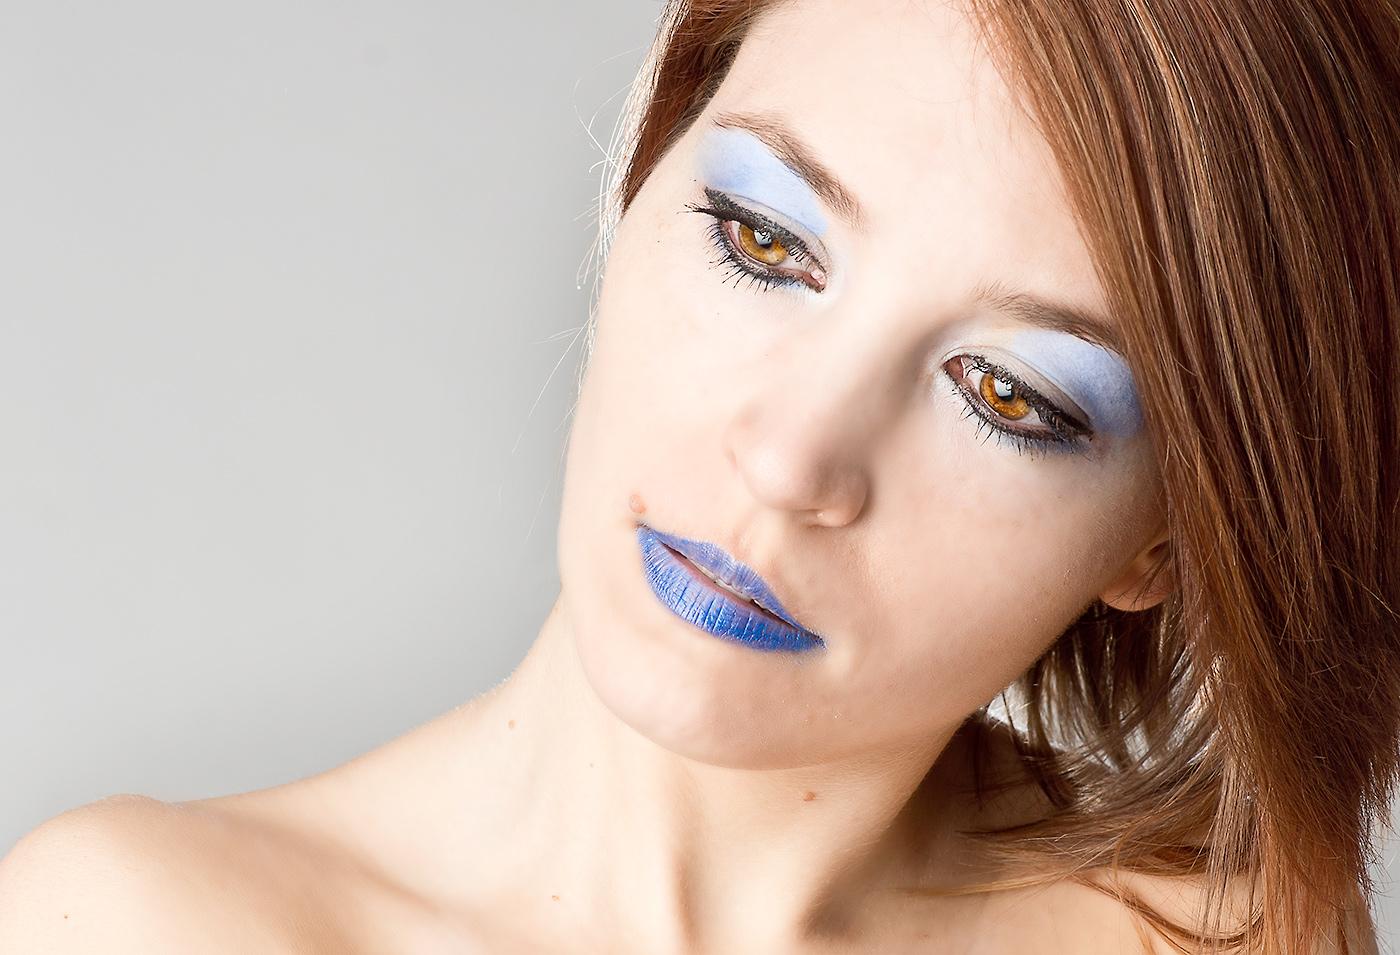 - - - - blue Eyes - - - -